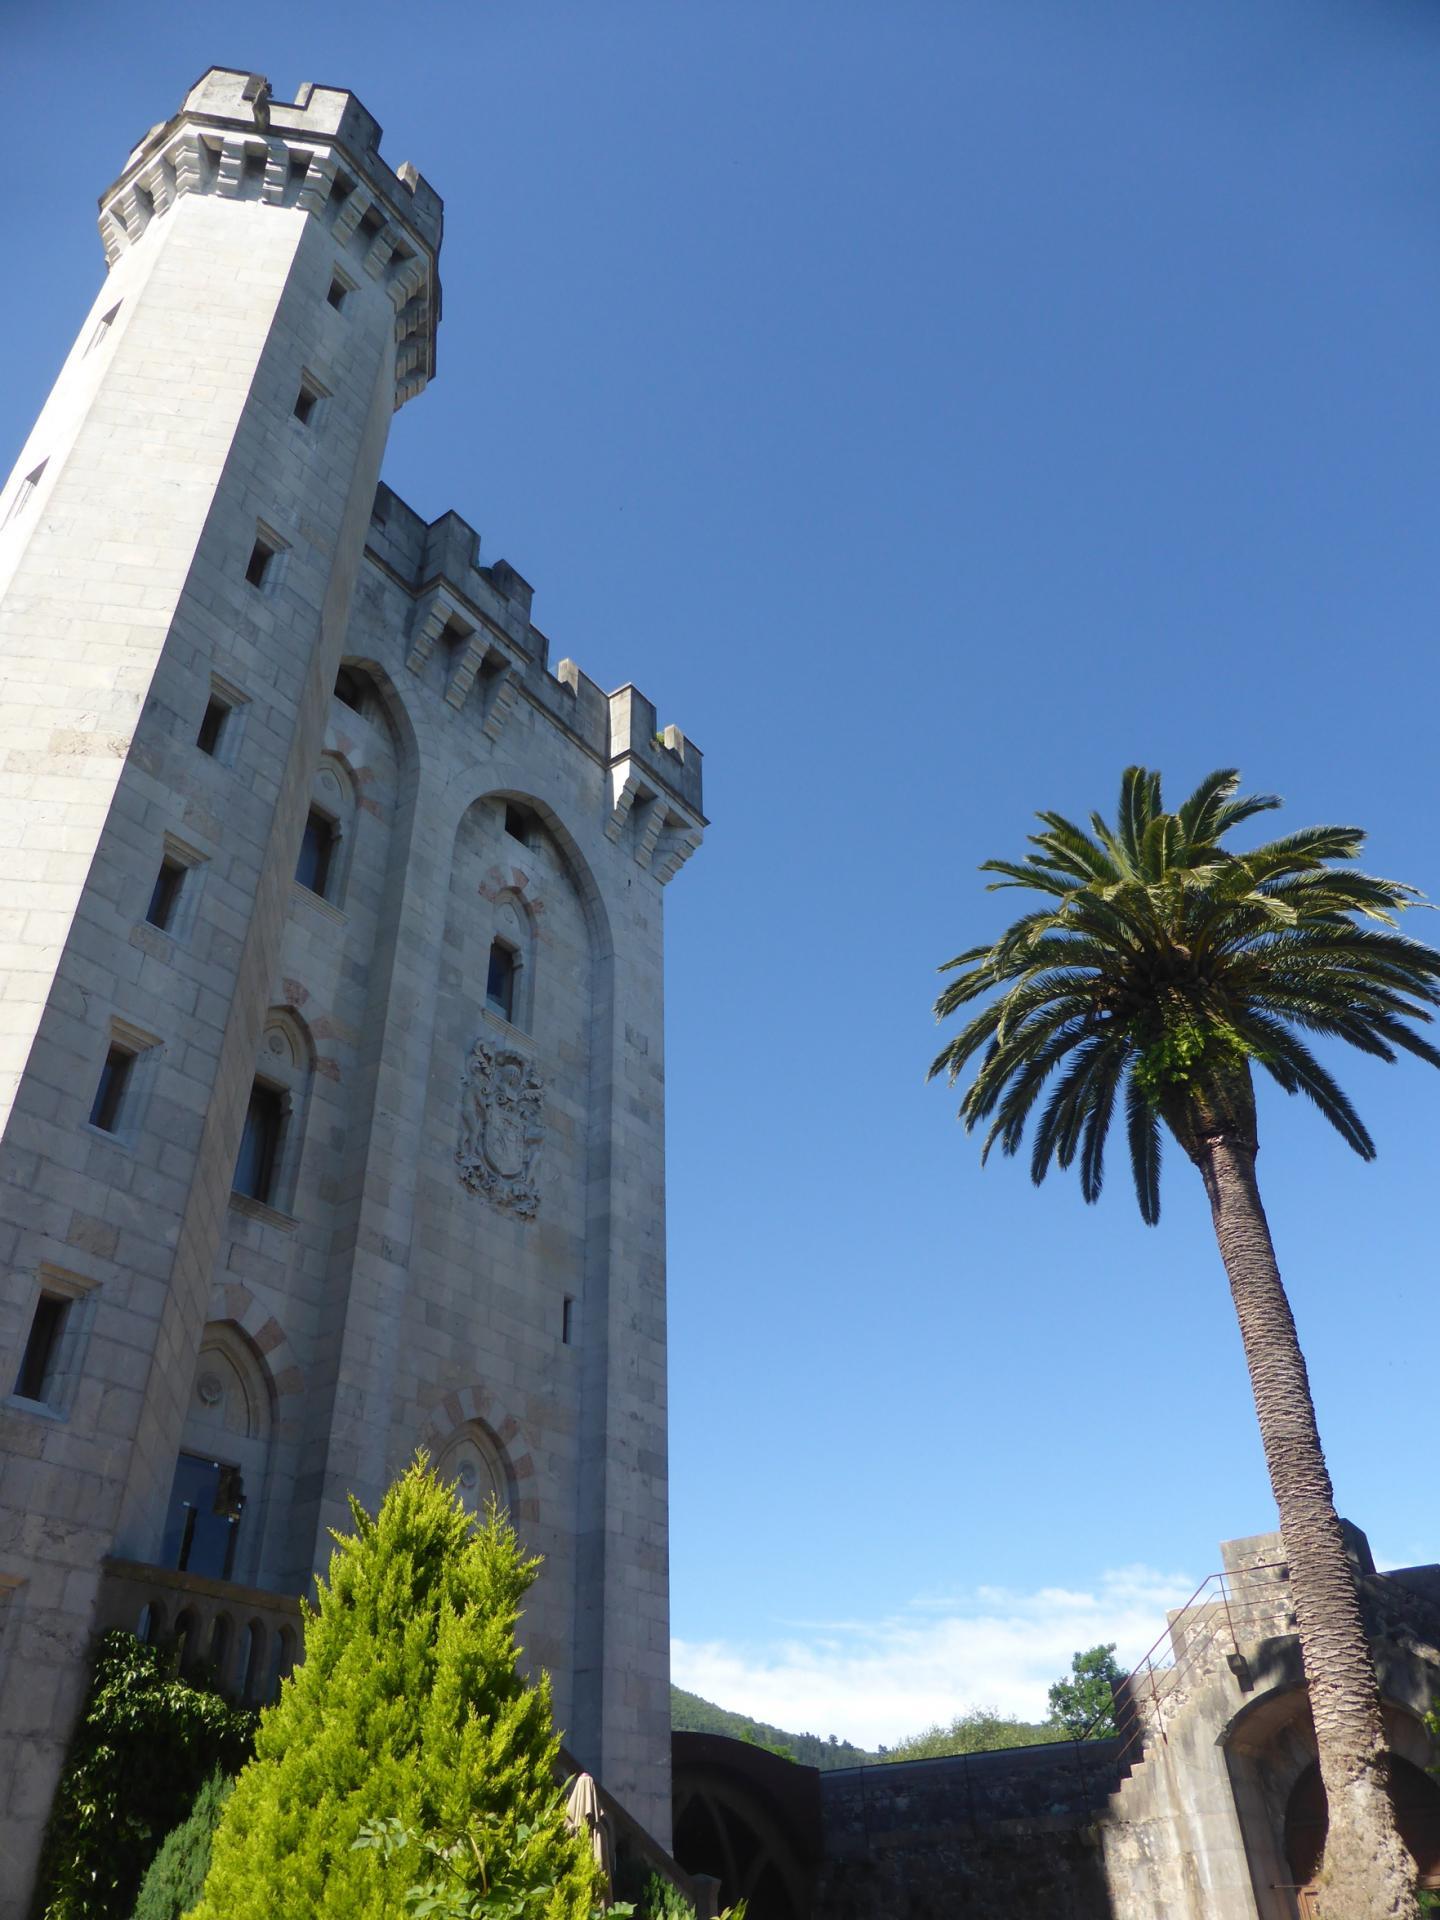 Le donjon depuis la cour du château (cliché Ph. Cachau)